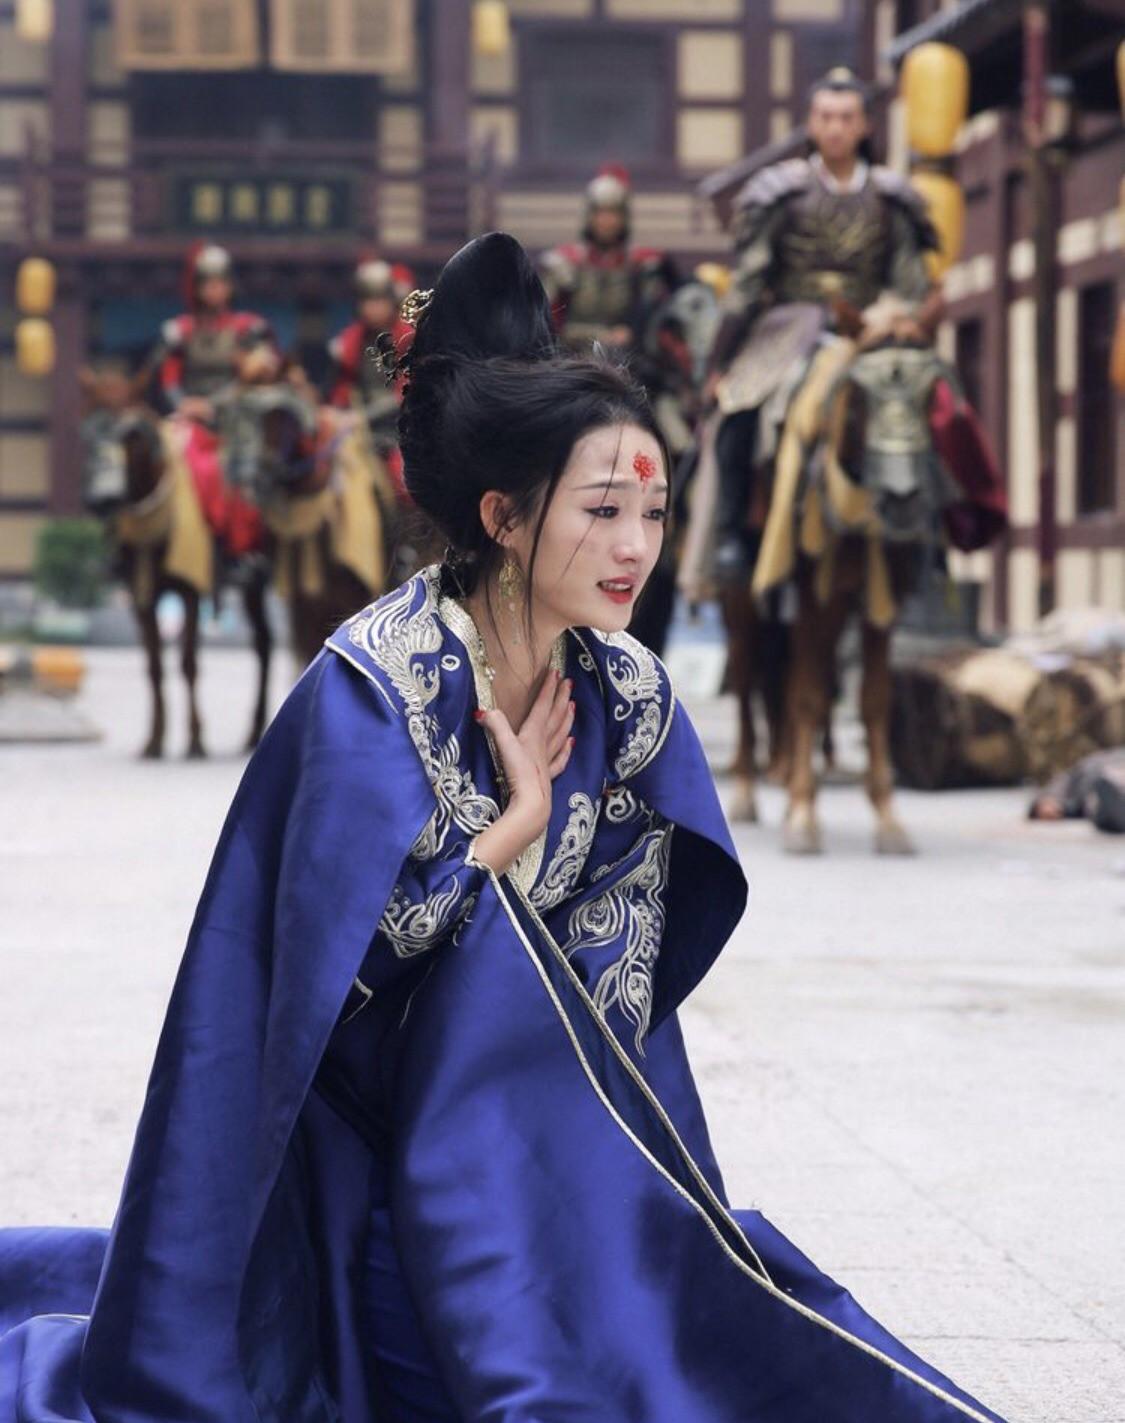 Những chiêu tàn độc mà vợ cả trong xã hội phong kiến Trung Hoa dùng để trừng trị tiểu thiếp của chồng - Ảnh 3.